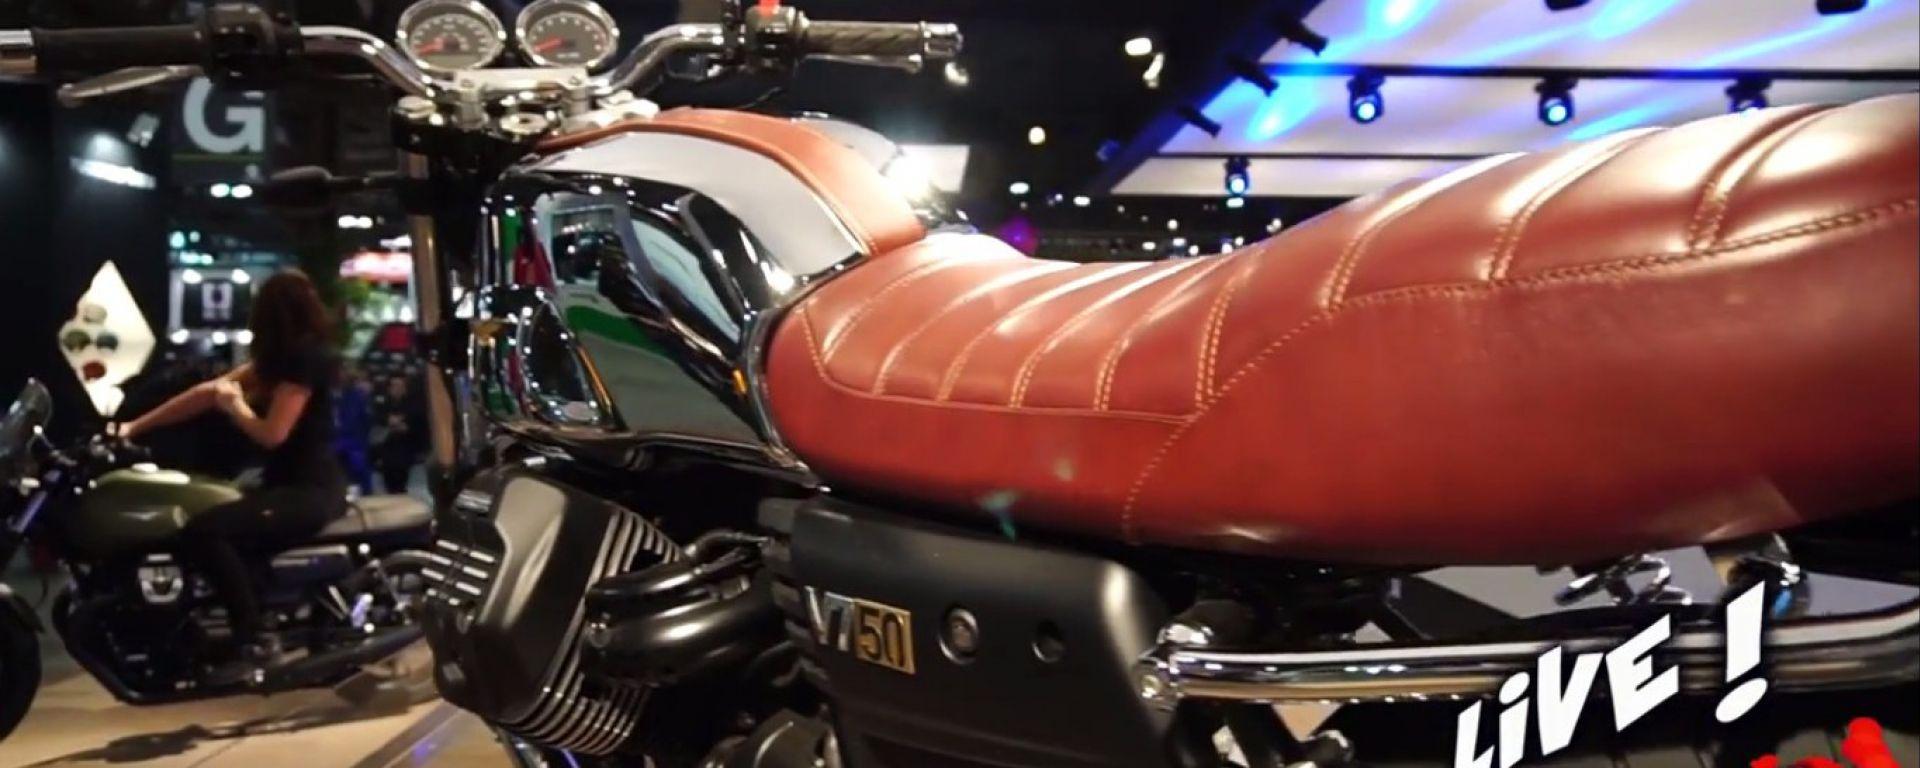 Moto Guzzi V7 nella versione speciale V7 50 anniversario, disponibile in soli 750 esemplari